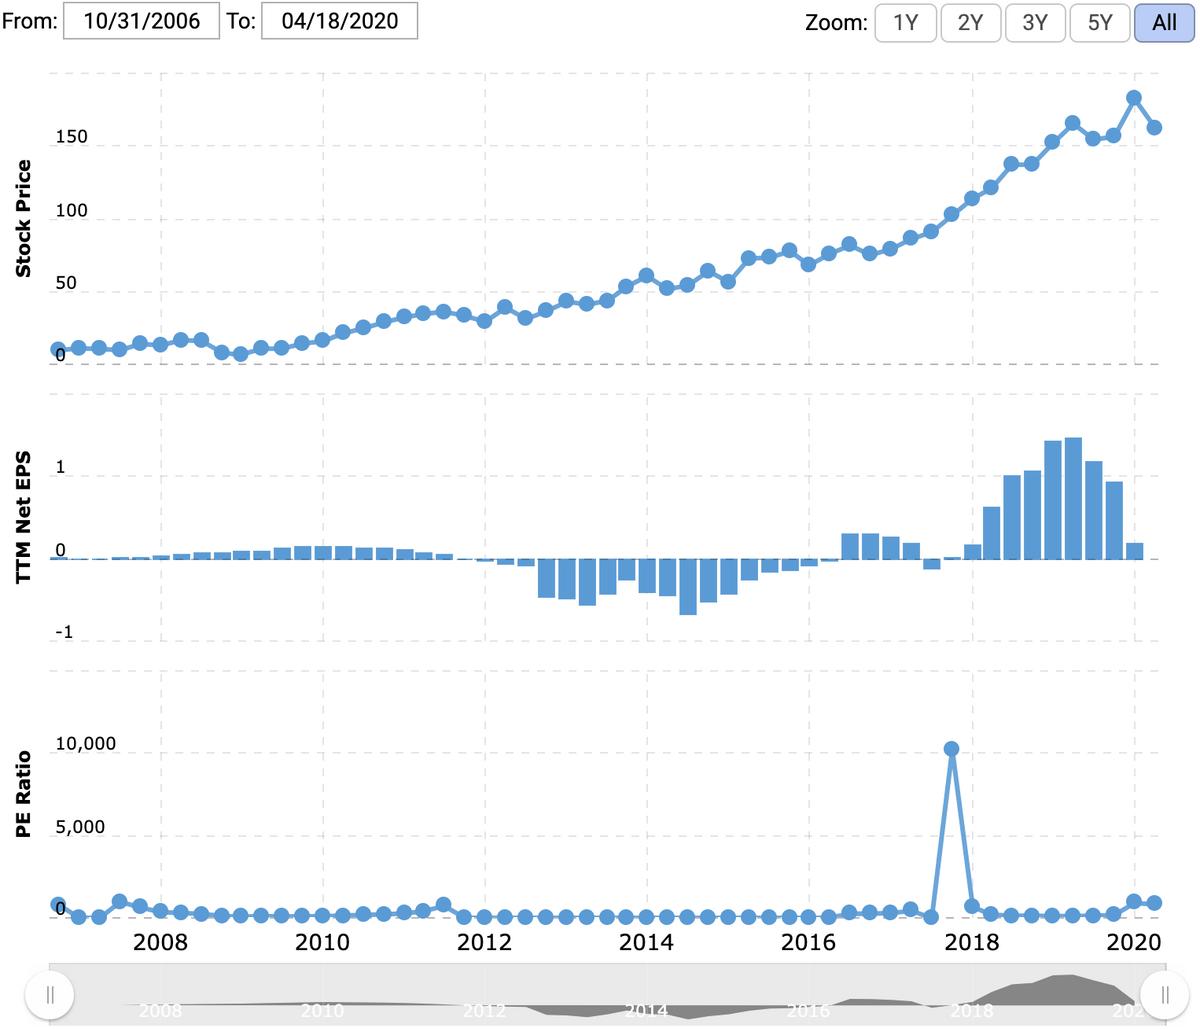 Цена акции и прибыль на акцию в долларах. Источник: Macrotrends